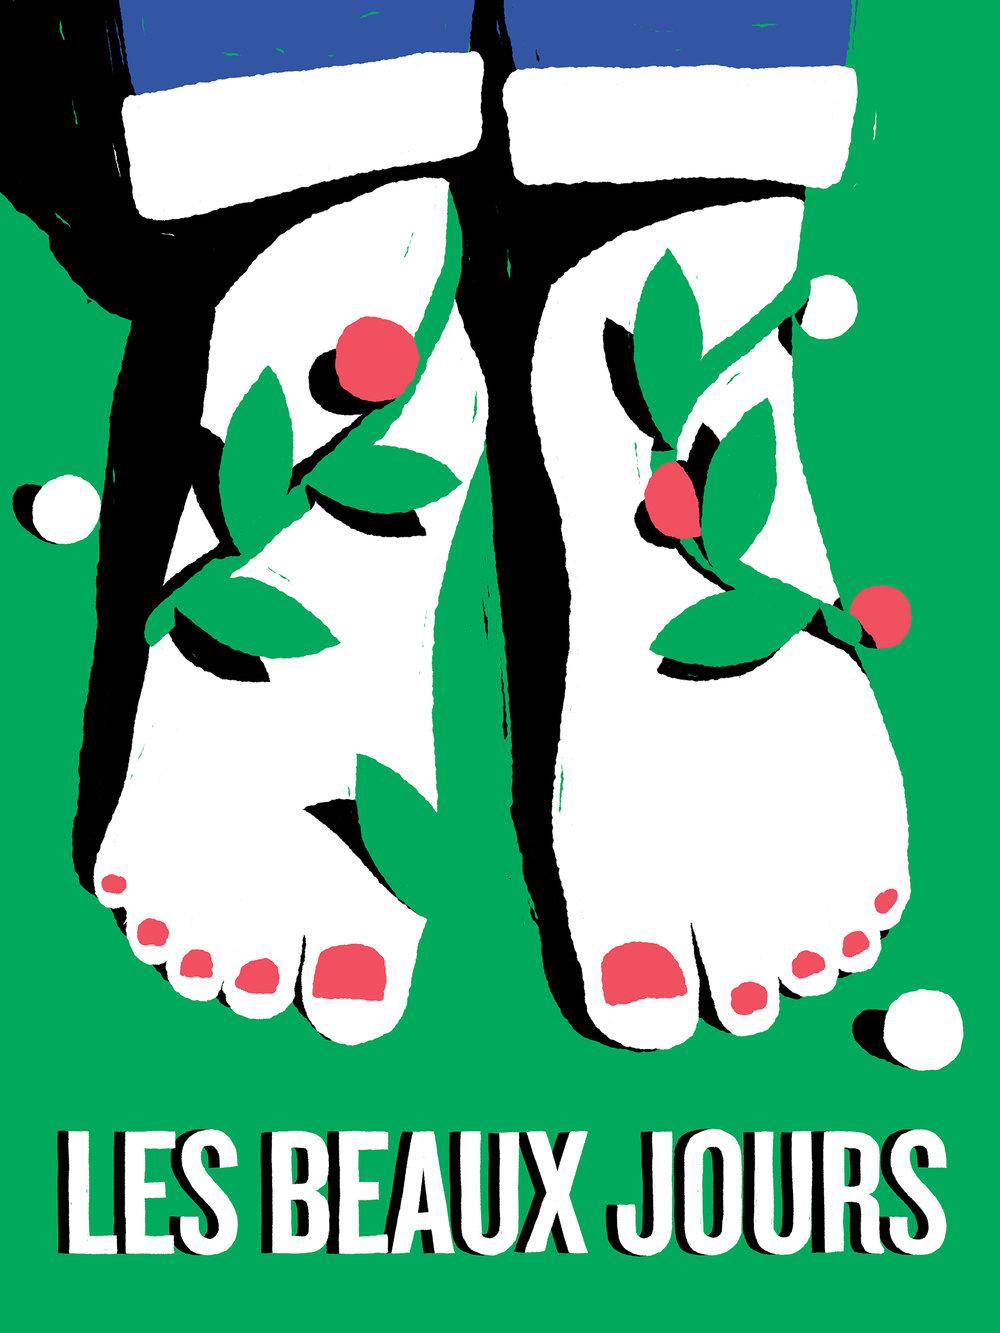 LES-BEAUX-JOURS_SOULMAGNON_ILLUSTRATION_RISO_FLOWER_01.jpg